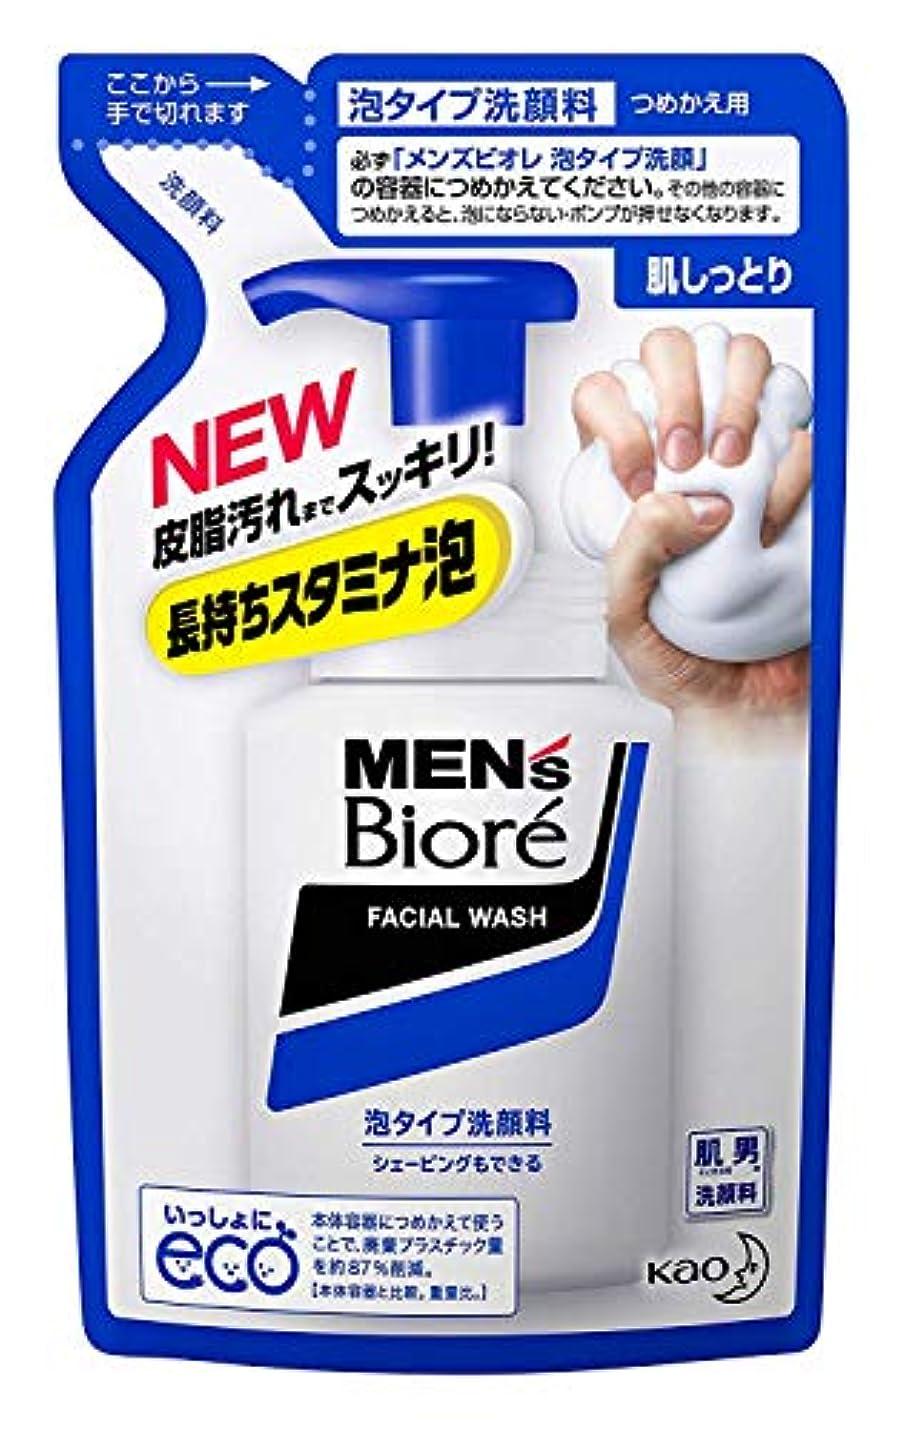 ミッションキュービック聞きます【花王】メンズビオレ 泡タイプ洗顔 詰替 (130g) ×5個セット